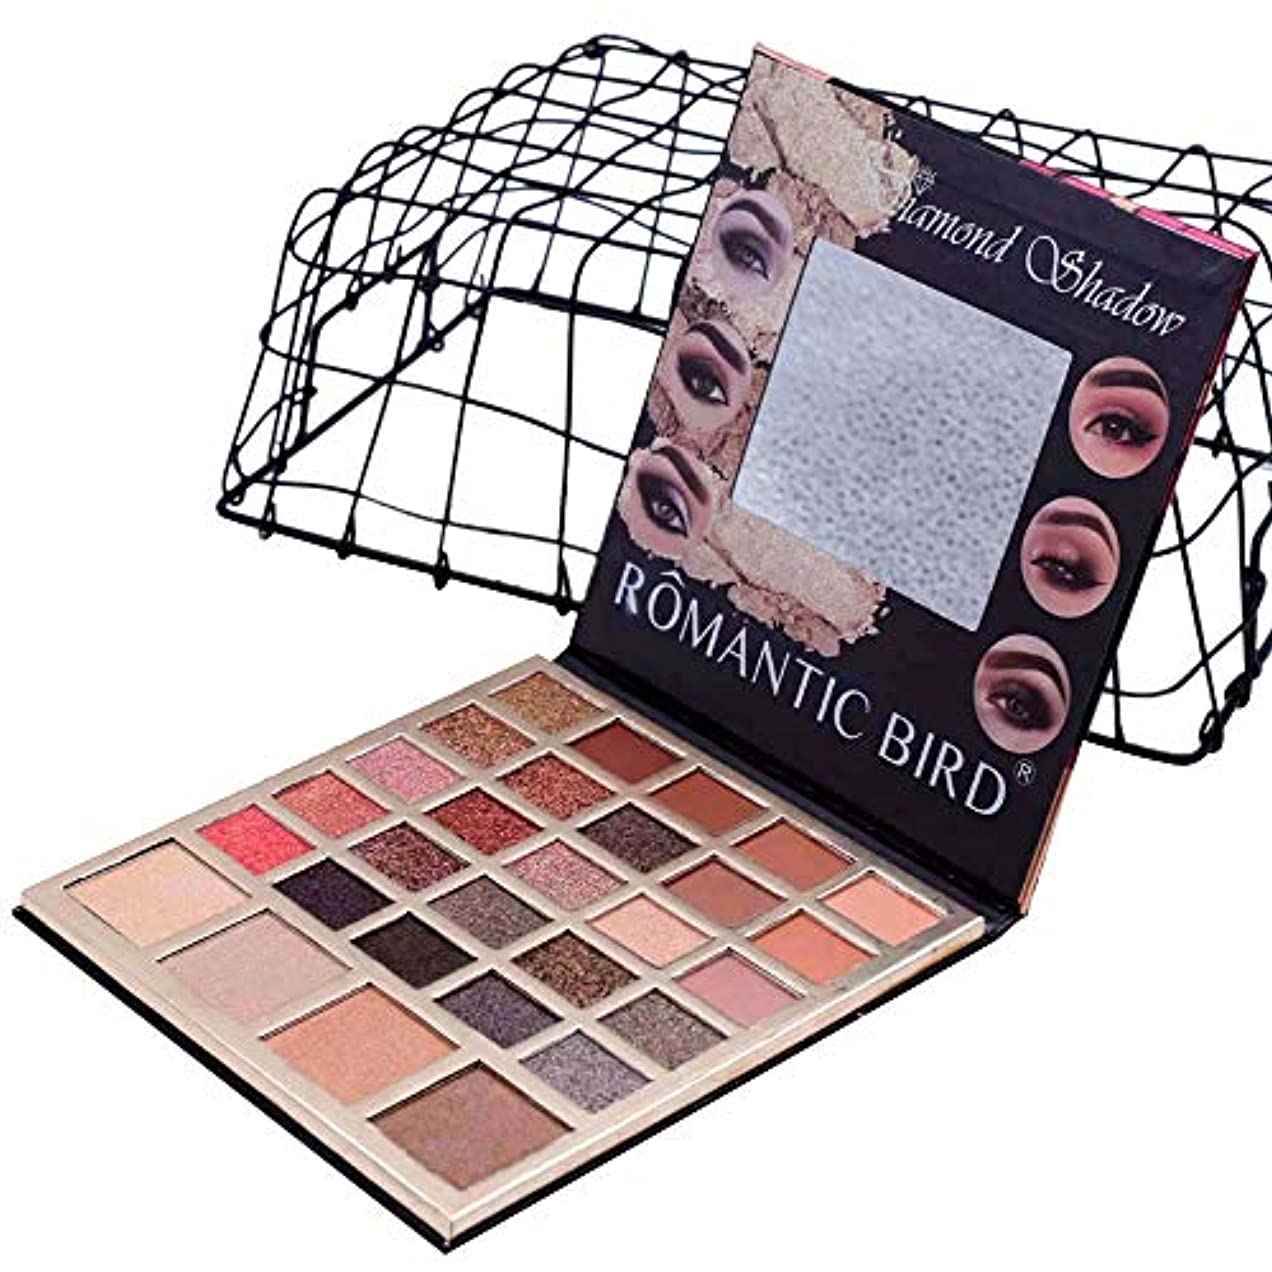 肩をすくめるコーナー不快なAkane アイシャドウパレット ファッション ROMATIC BIRD 人気 魅力的 綺麗 キラキラ 防水 長持ち マット おしゃれ チャーム 落としにくい 持ち便利 Eye Shadow (29色) 8007